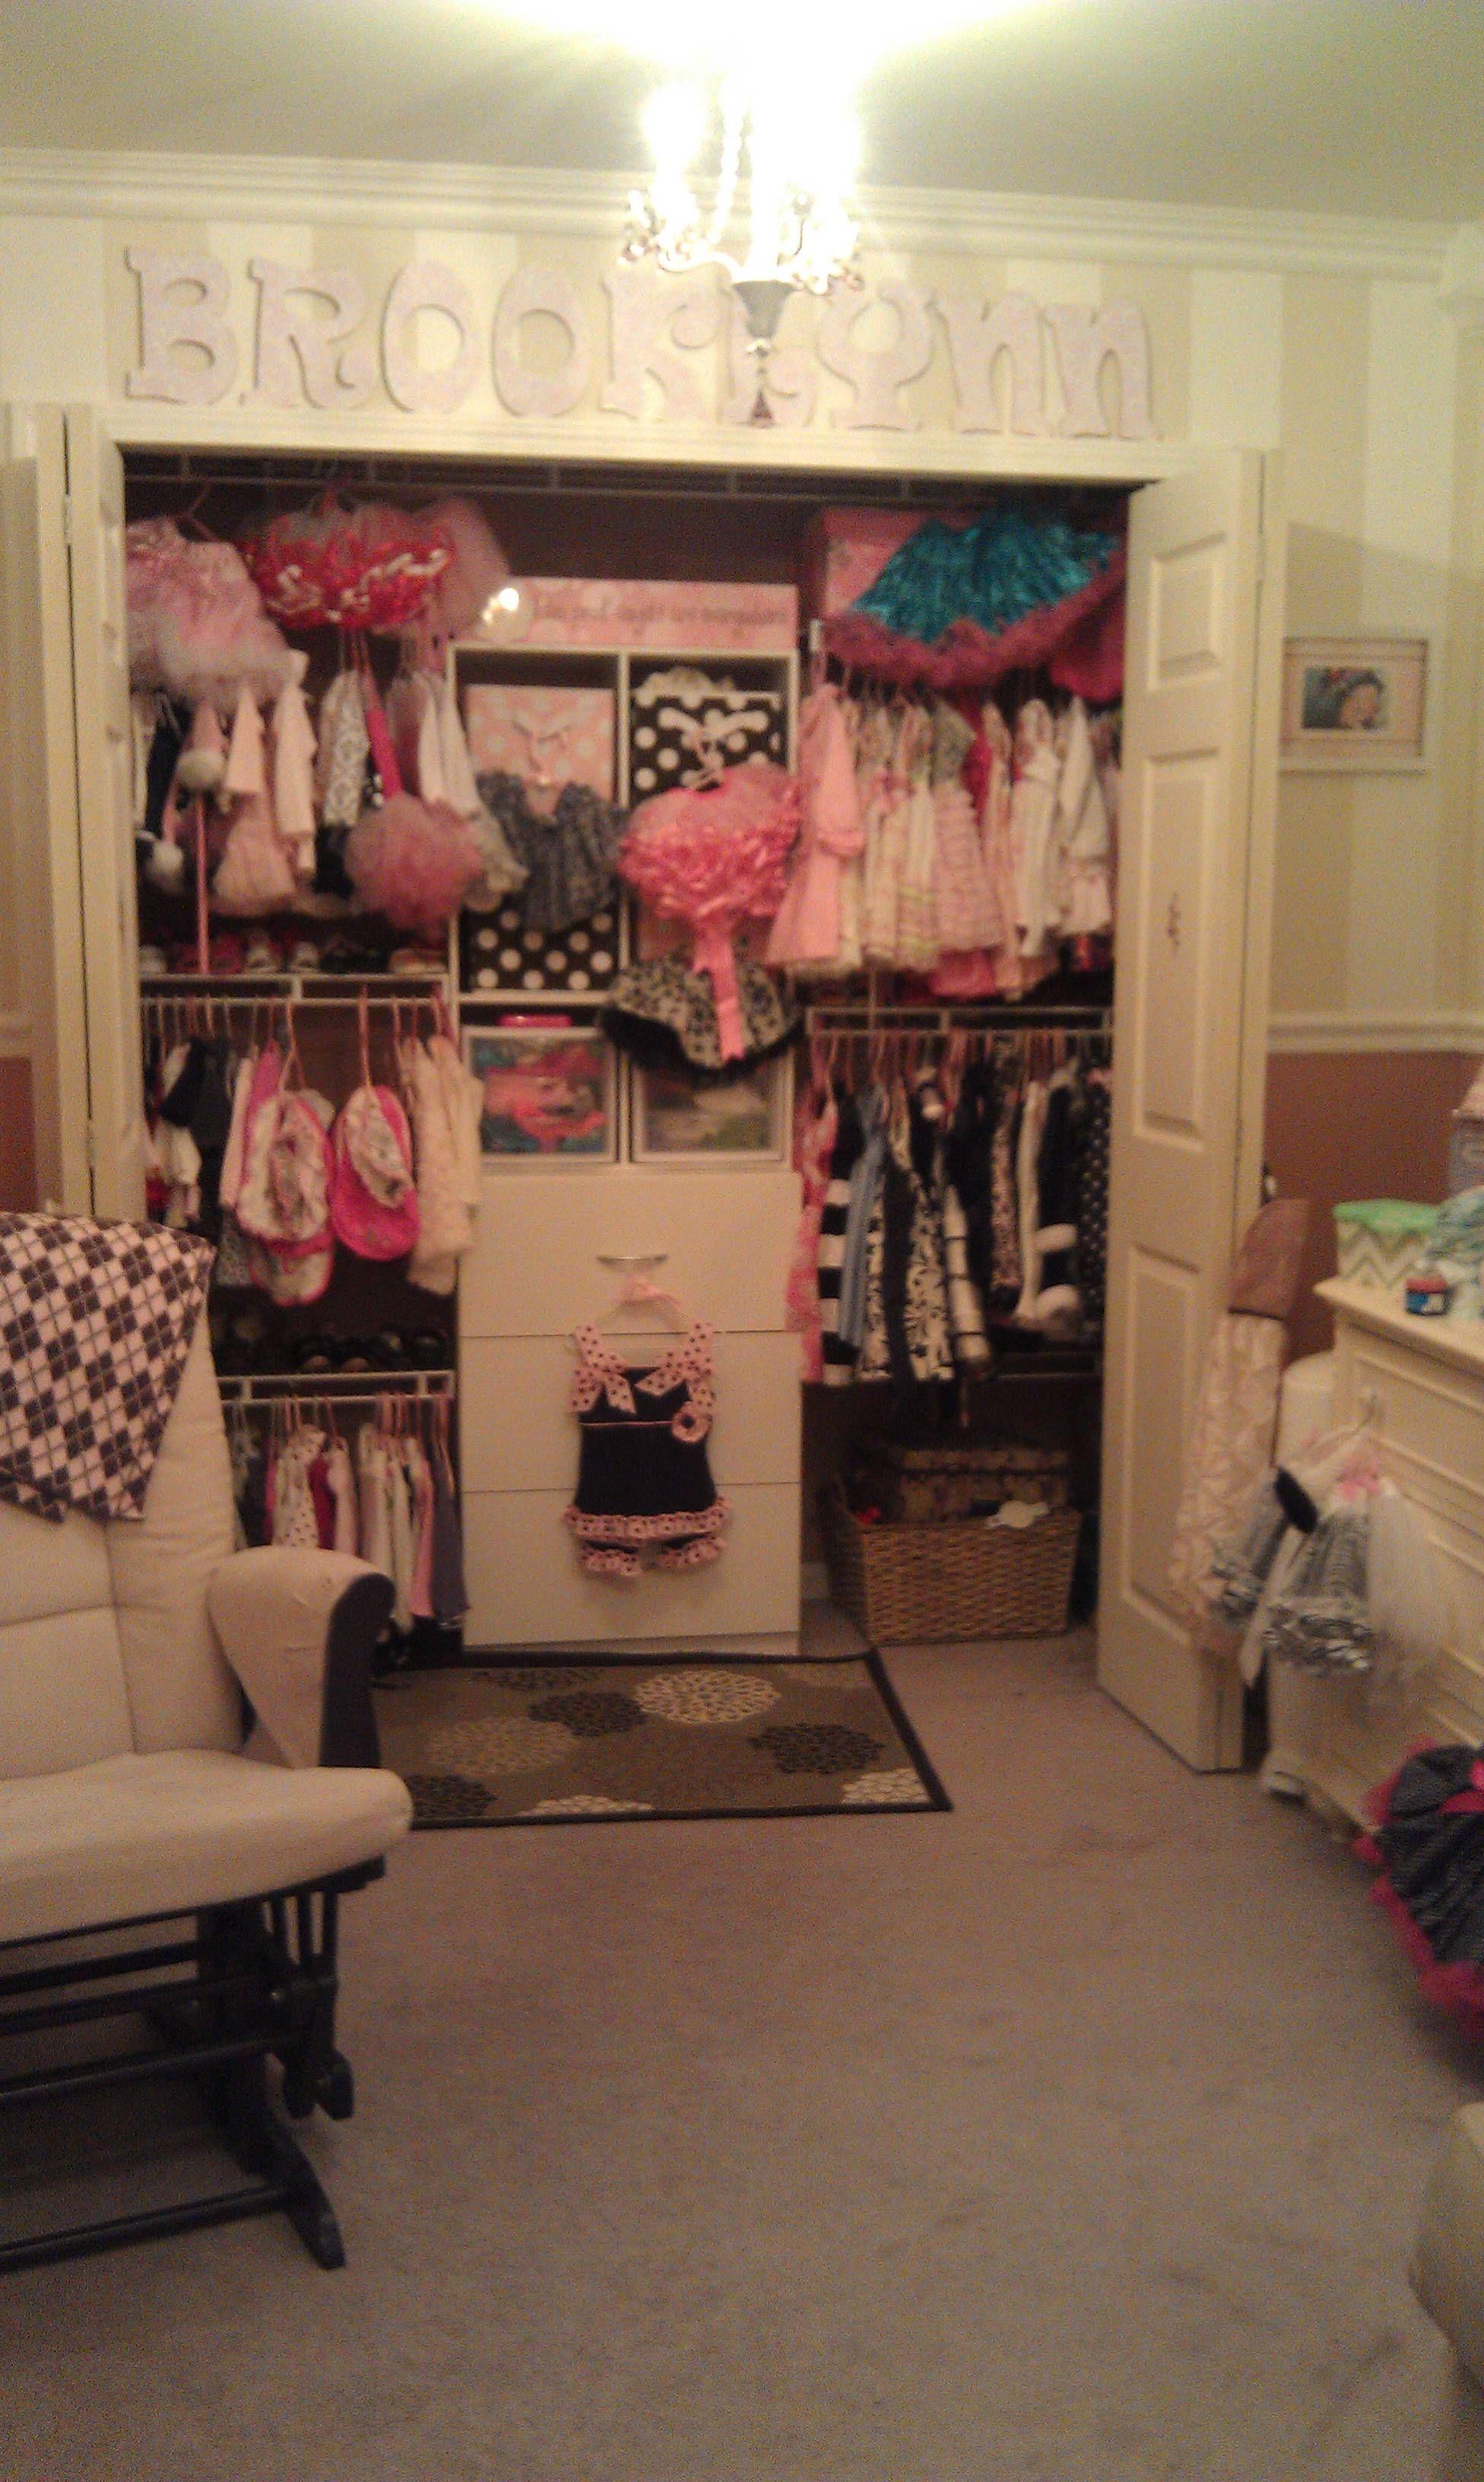 closet projects accessorize home closets mom decor dm baby closetmg category